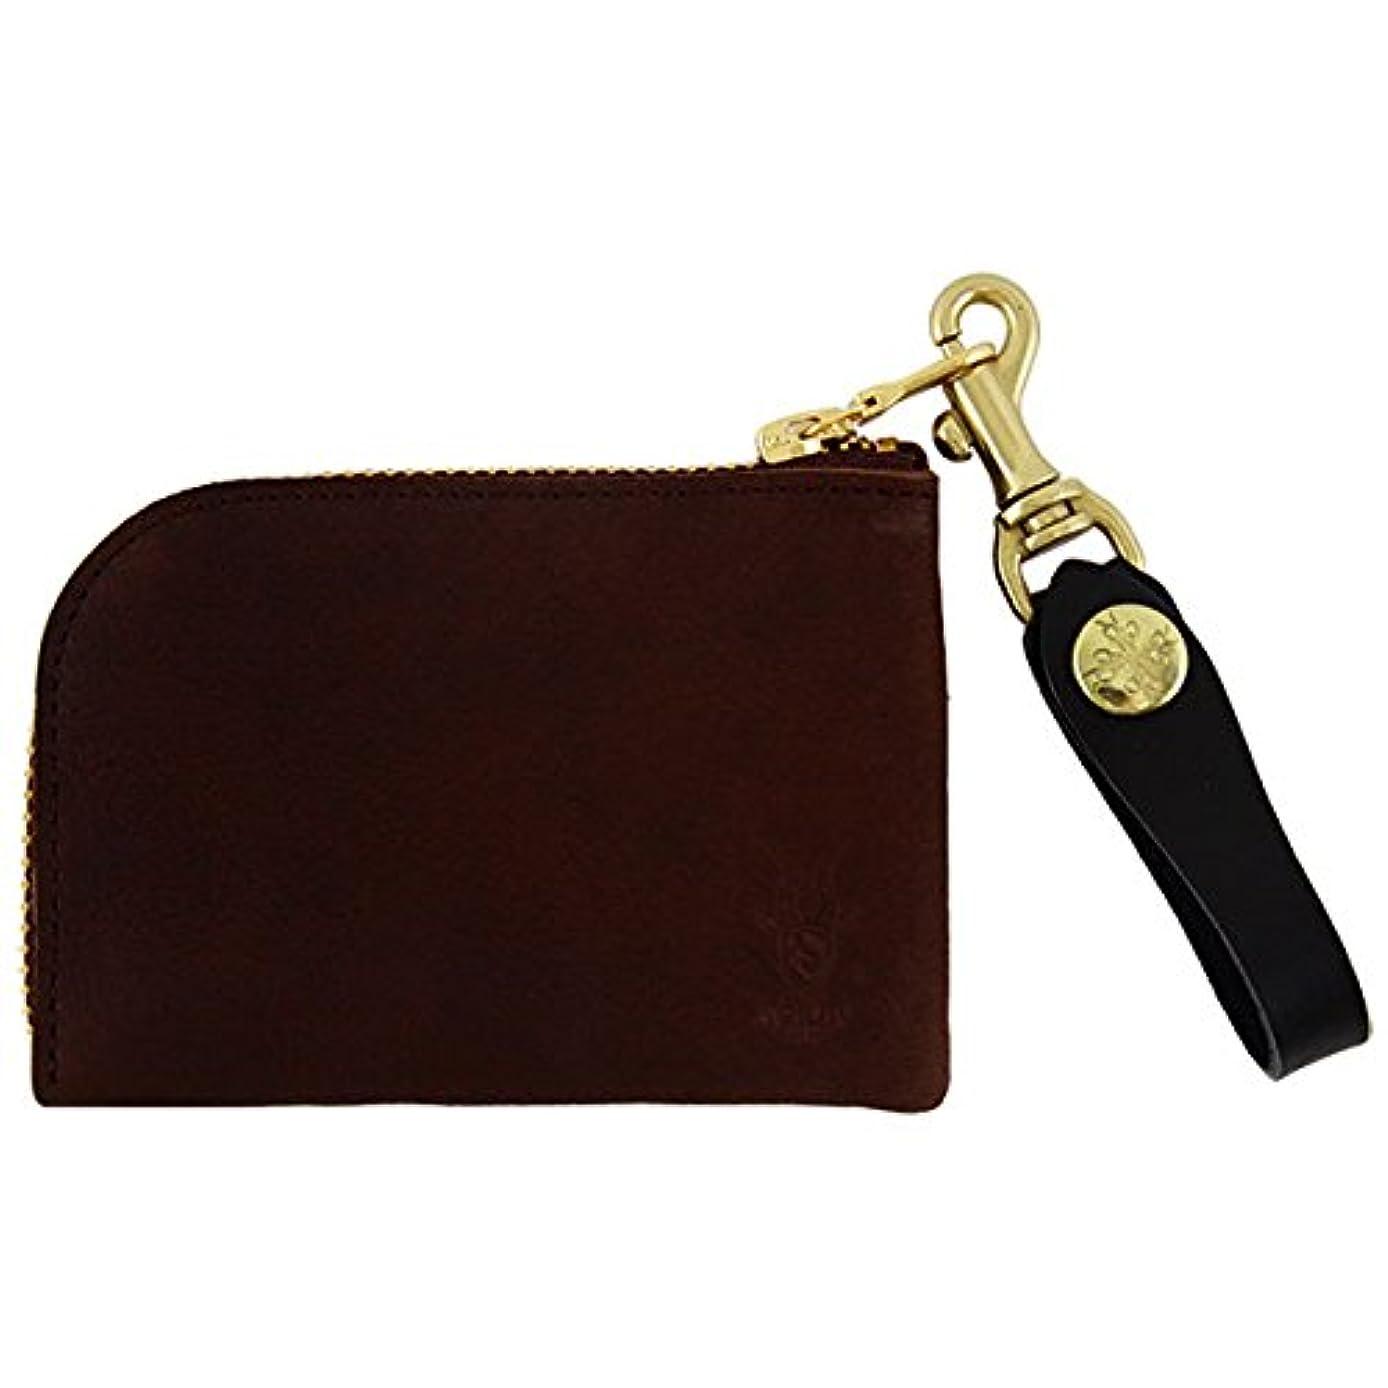 ヘッジ団結するファッションアジリティ ヤク アルジャン L型財布 Agility 革のコインケース L字ファスナー 日本製 ダークブラウン